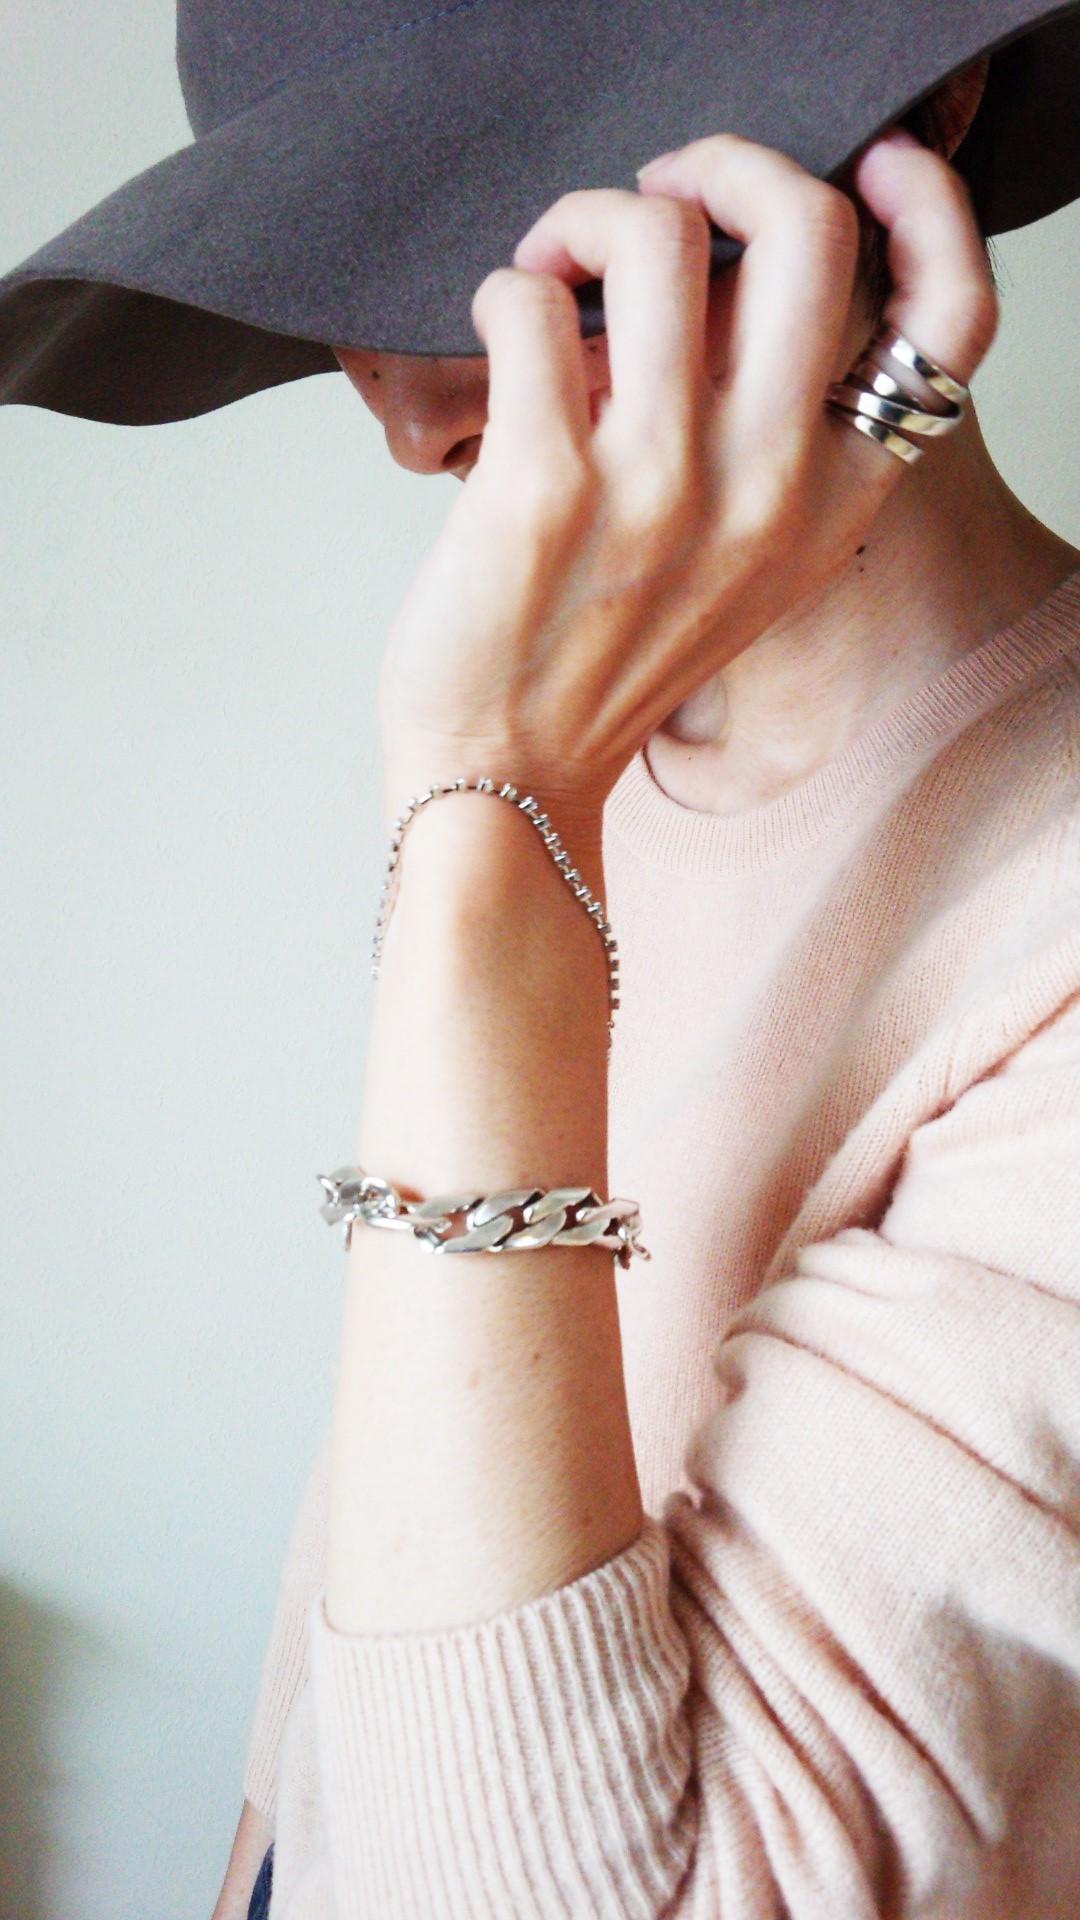 お気に入りのブレス×グーレ×ピンクで秋のコーデ_1_2